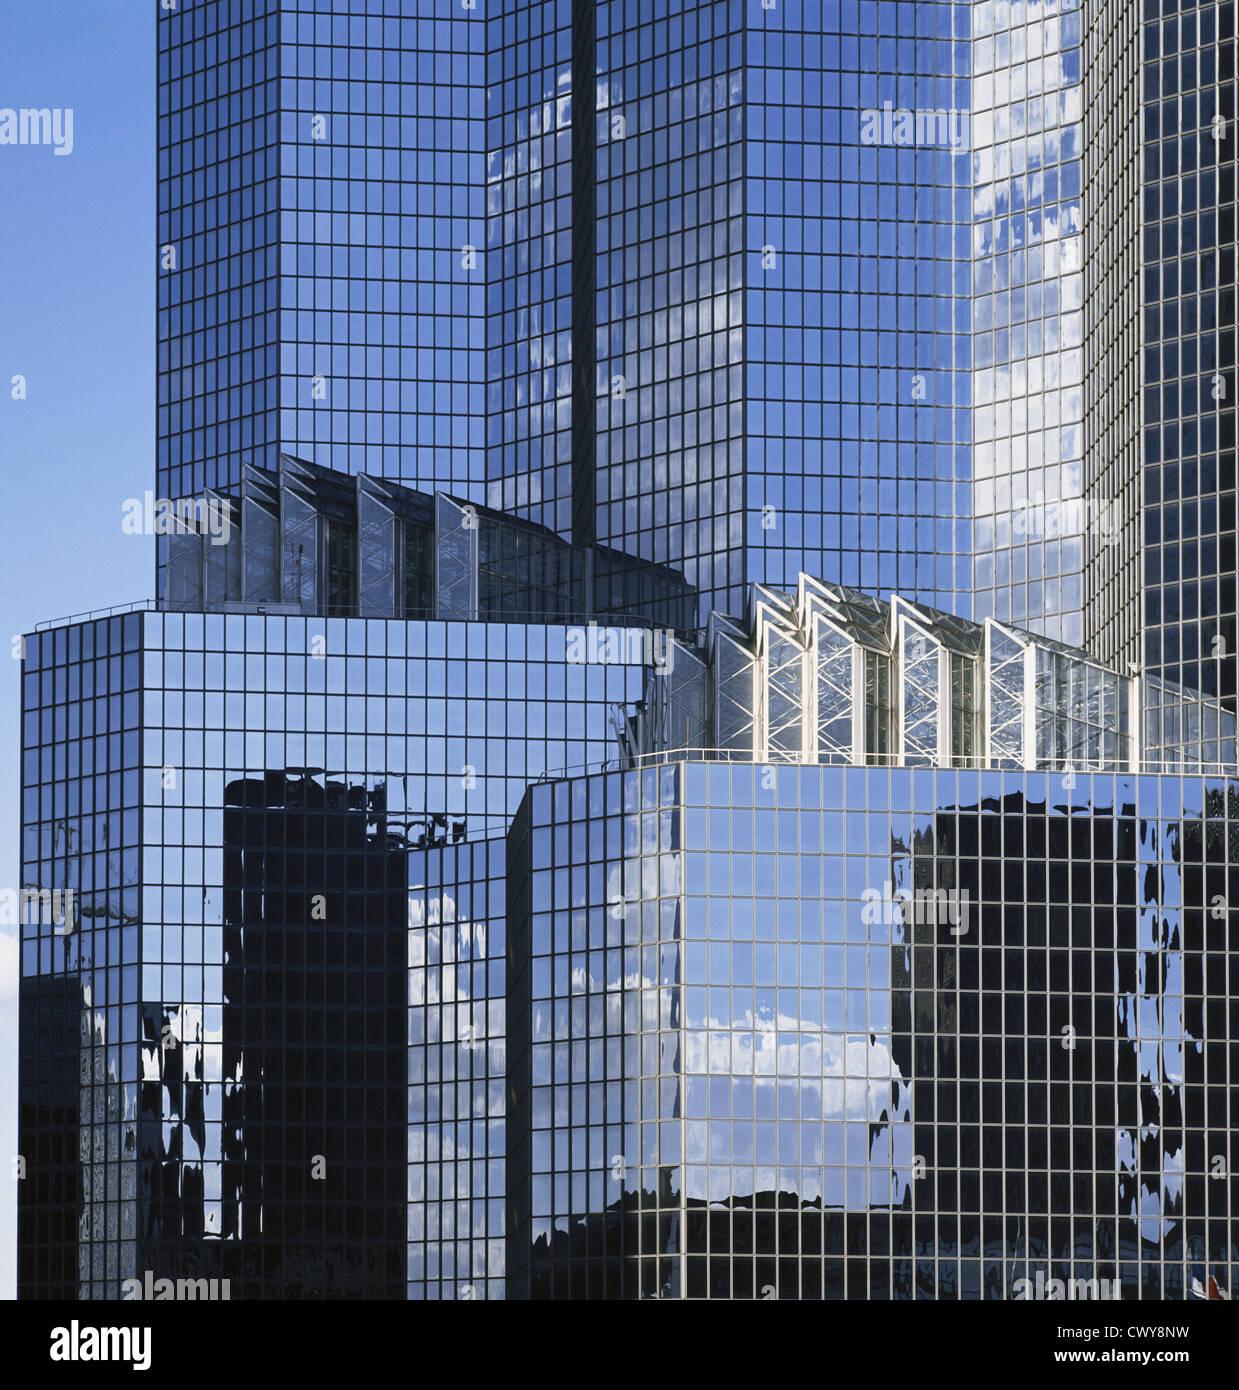 Glass reflections, City Office Buildings, La Defense, Paris, France, Europe bhz - Stock Image